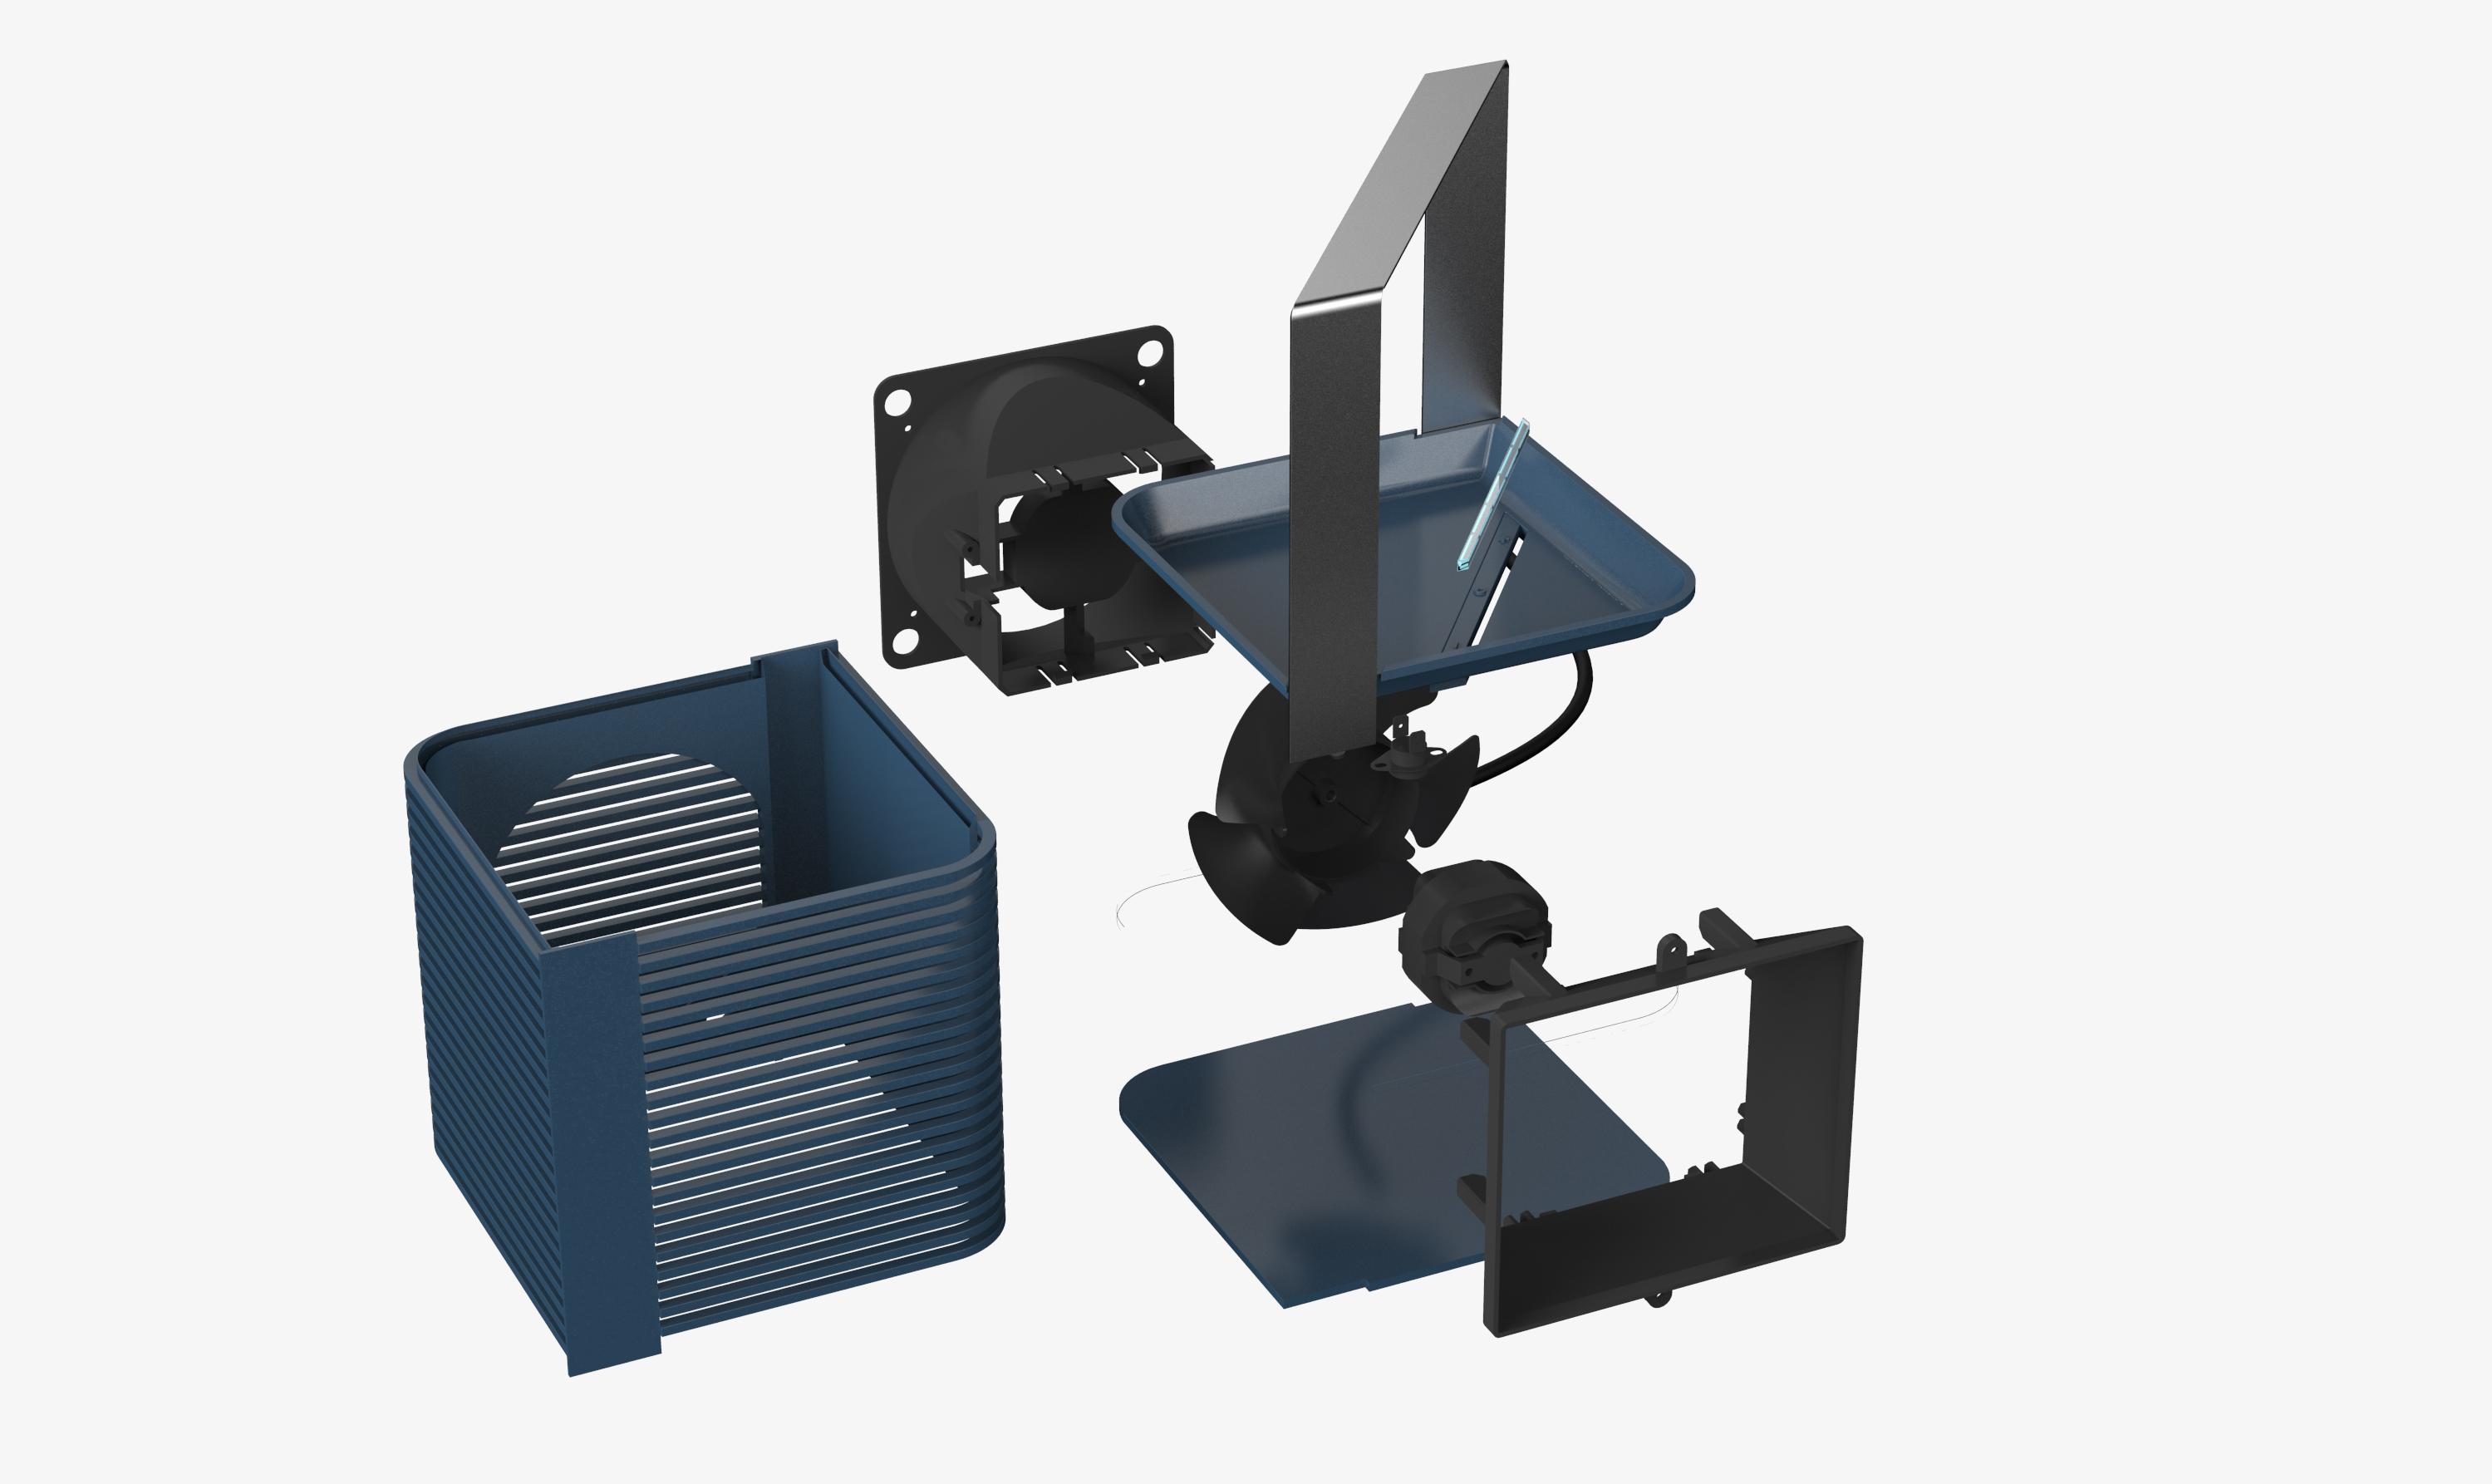 3D industrial design rendering